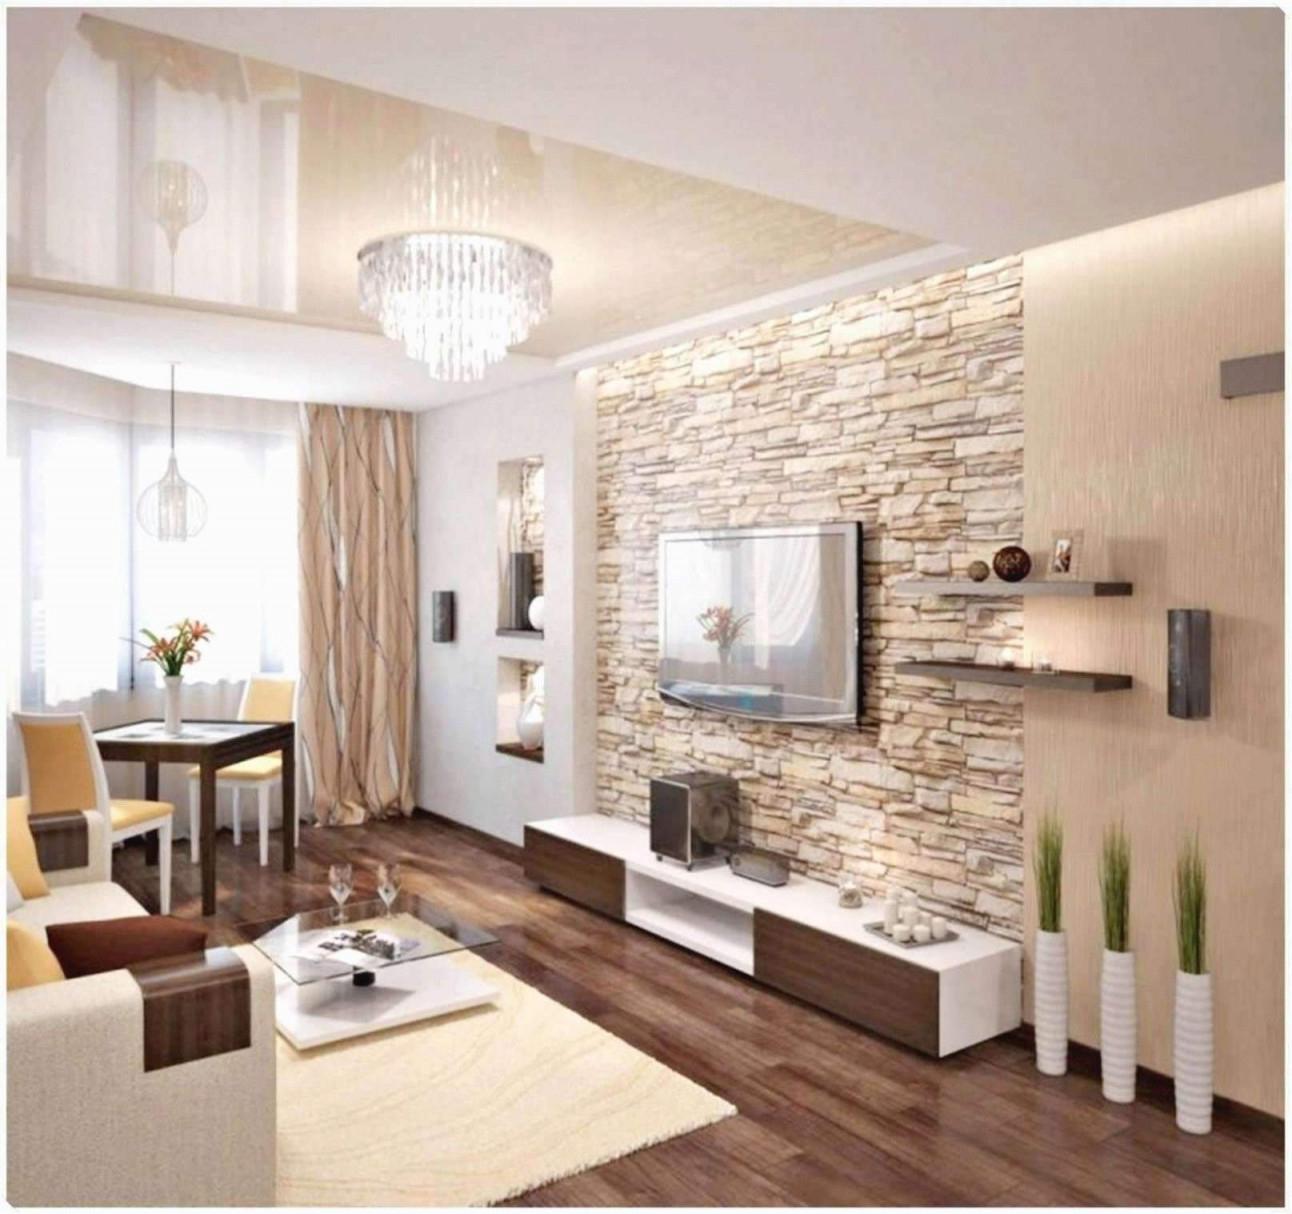 29 Luxus Wohnzimmer Einrichten Ideen Genial  Wohnzimmer Frisch von Wohnzimmer Bilder Ideen Photo